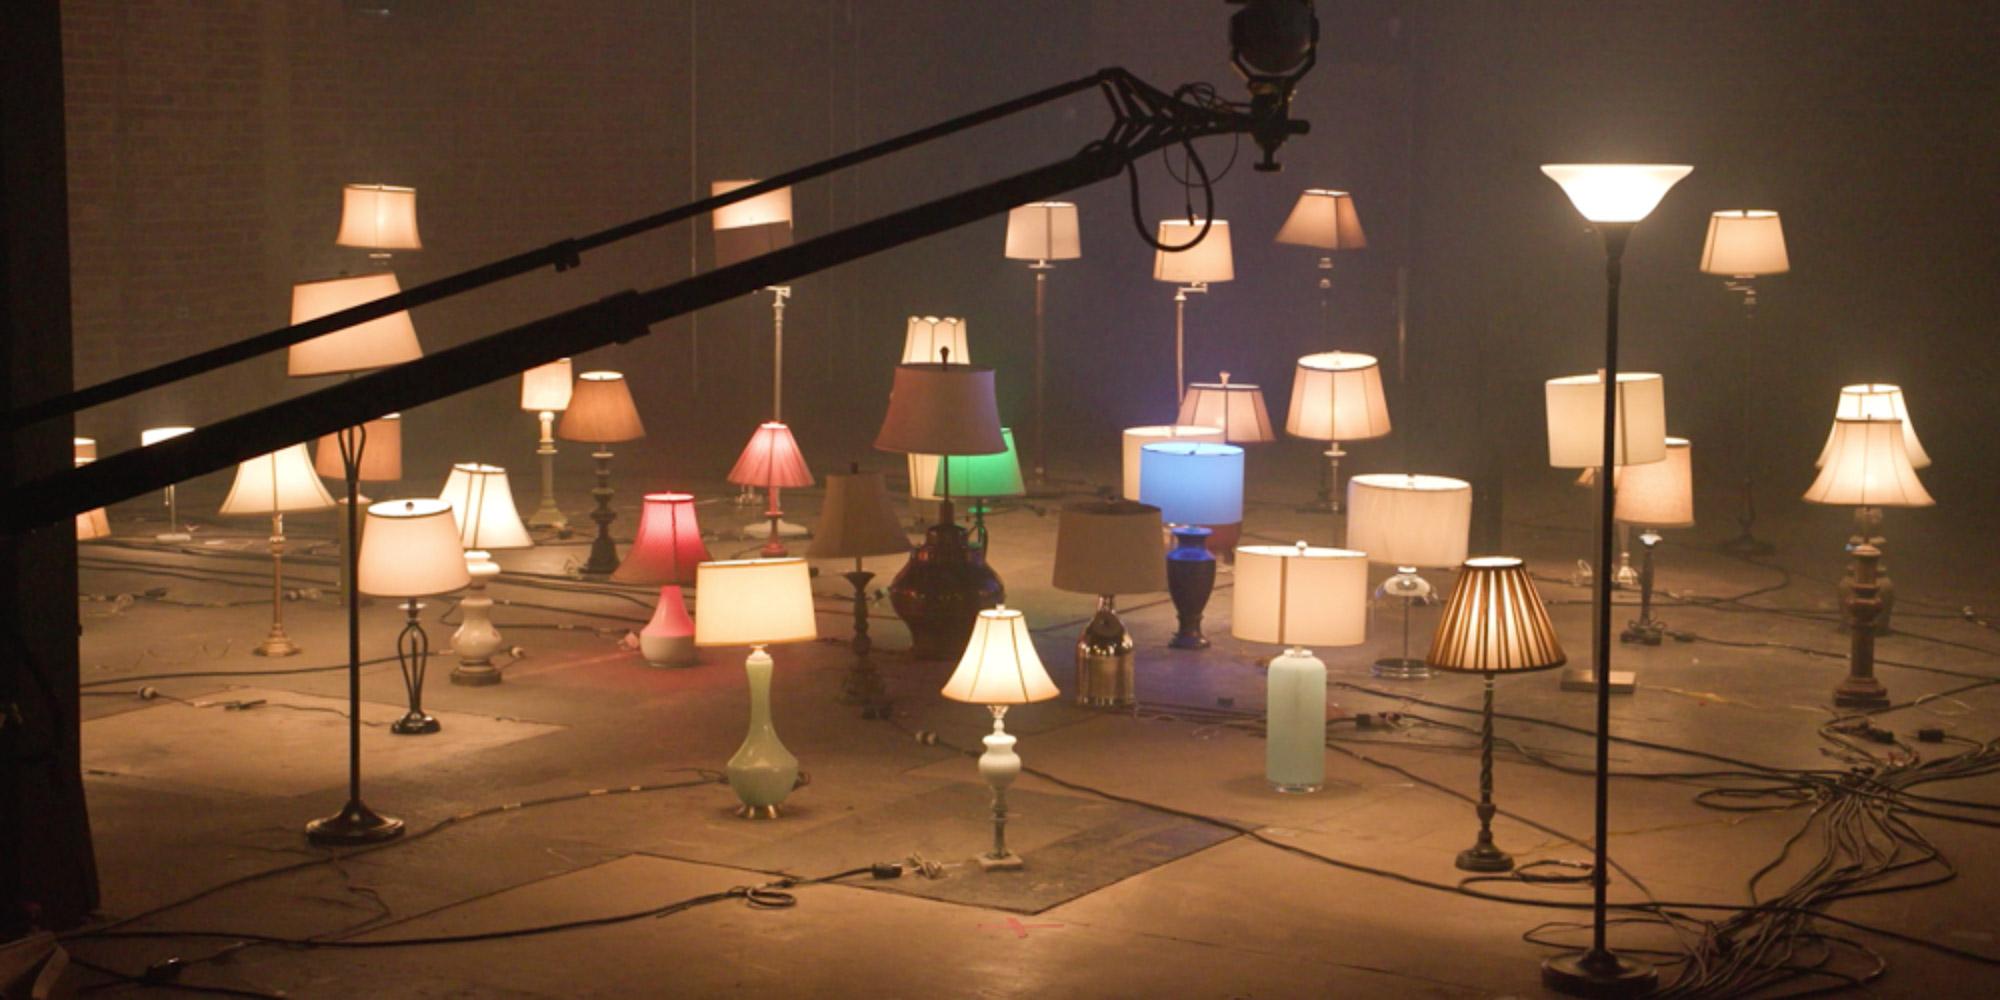 Kilkanaście lamp o różnych rozmiarach i stylu stojących na podłodze